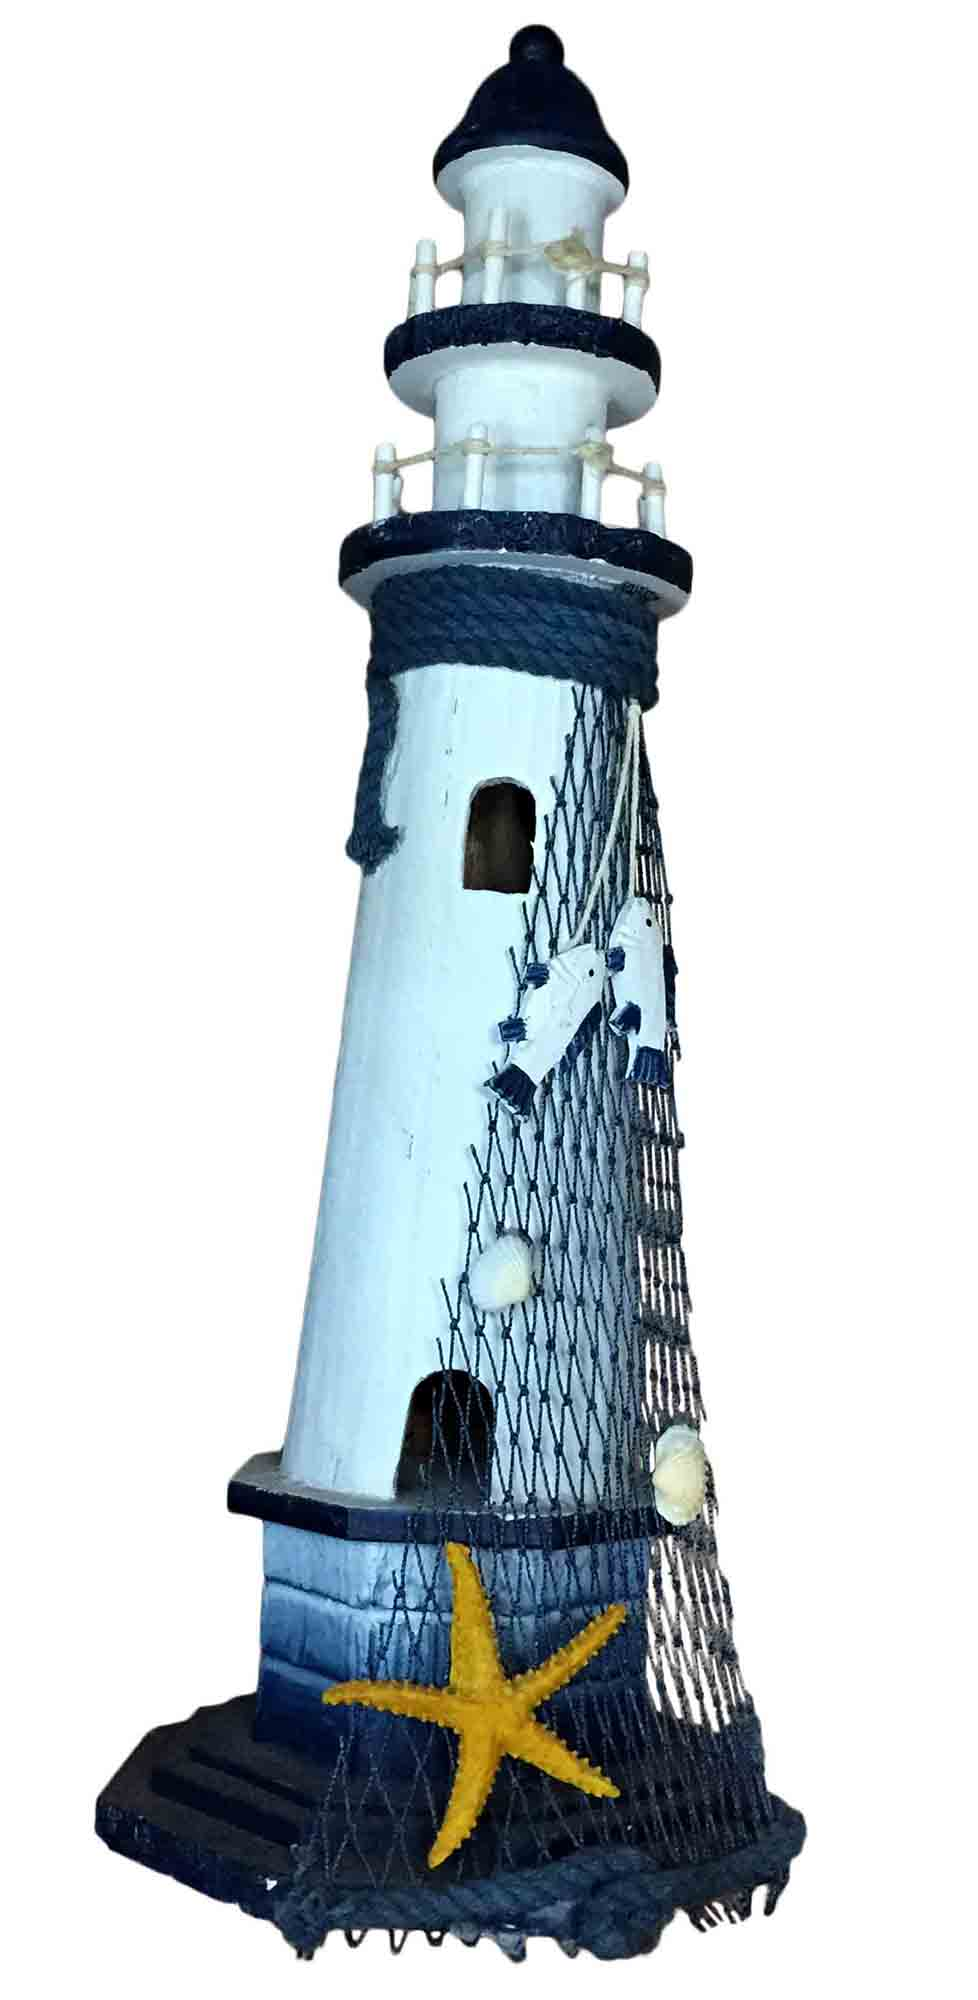 Leuchtturm m dekoration maritim shabby chic landhausstil wohndeko deko sonia originelli - Dekoration maritim ...